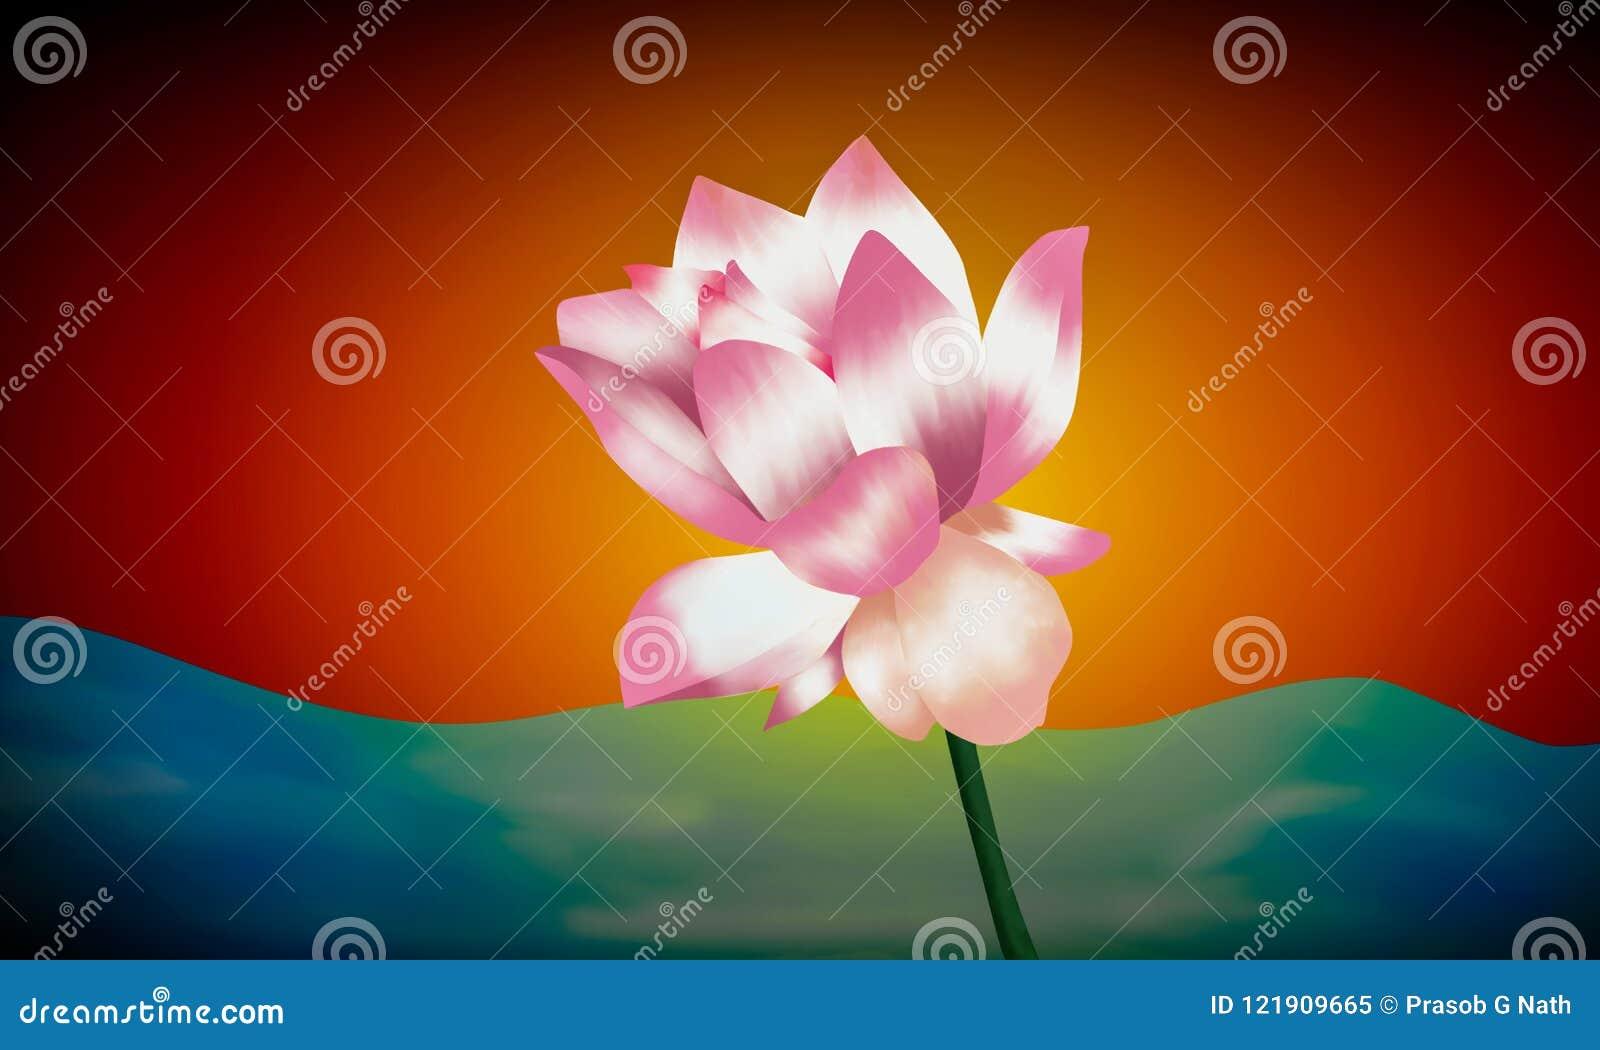 Waterlelie kleurrijke illustratie